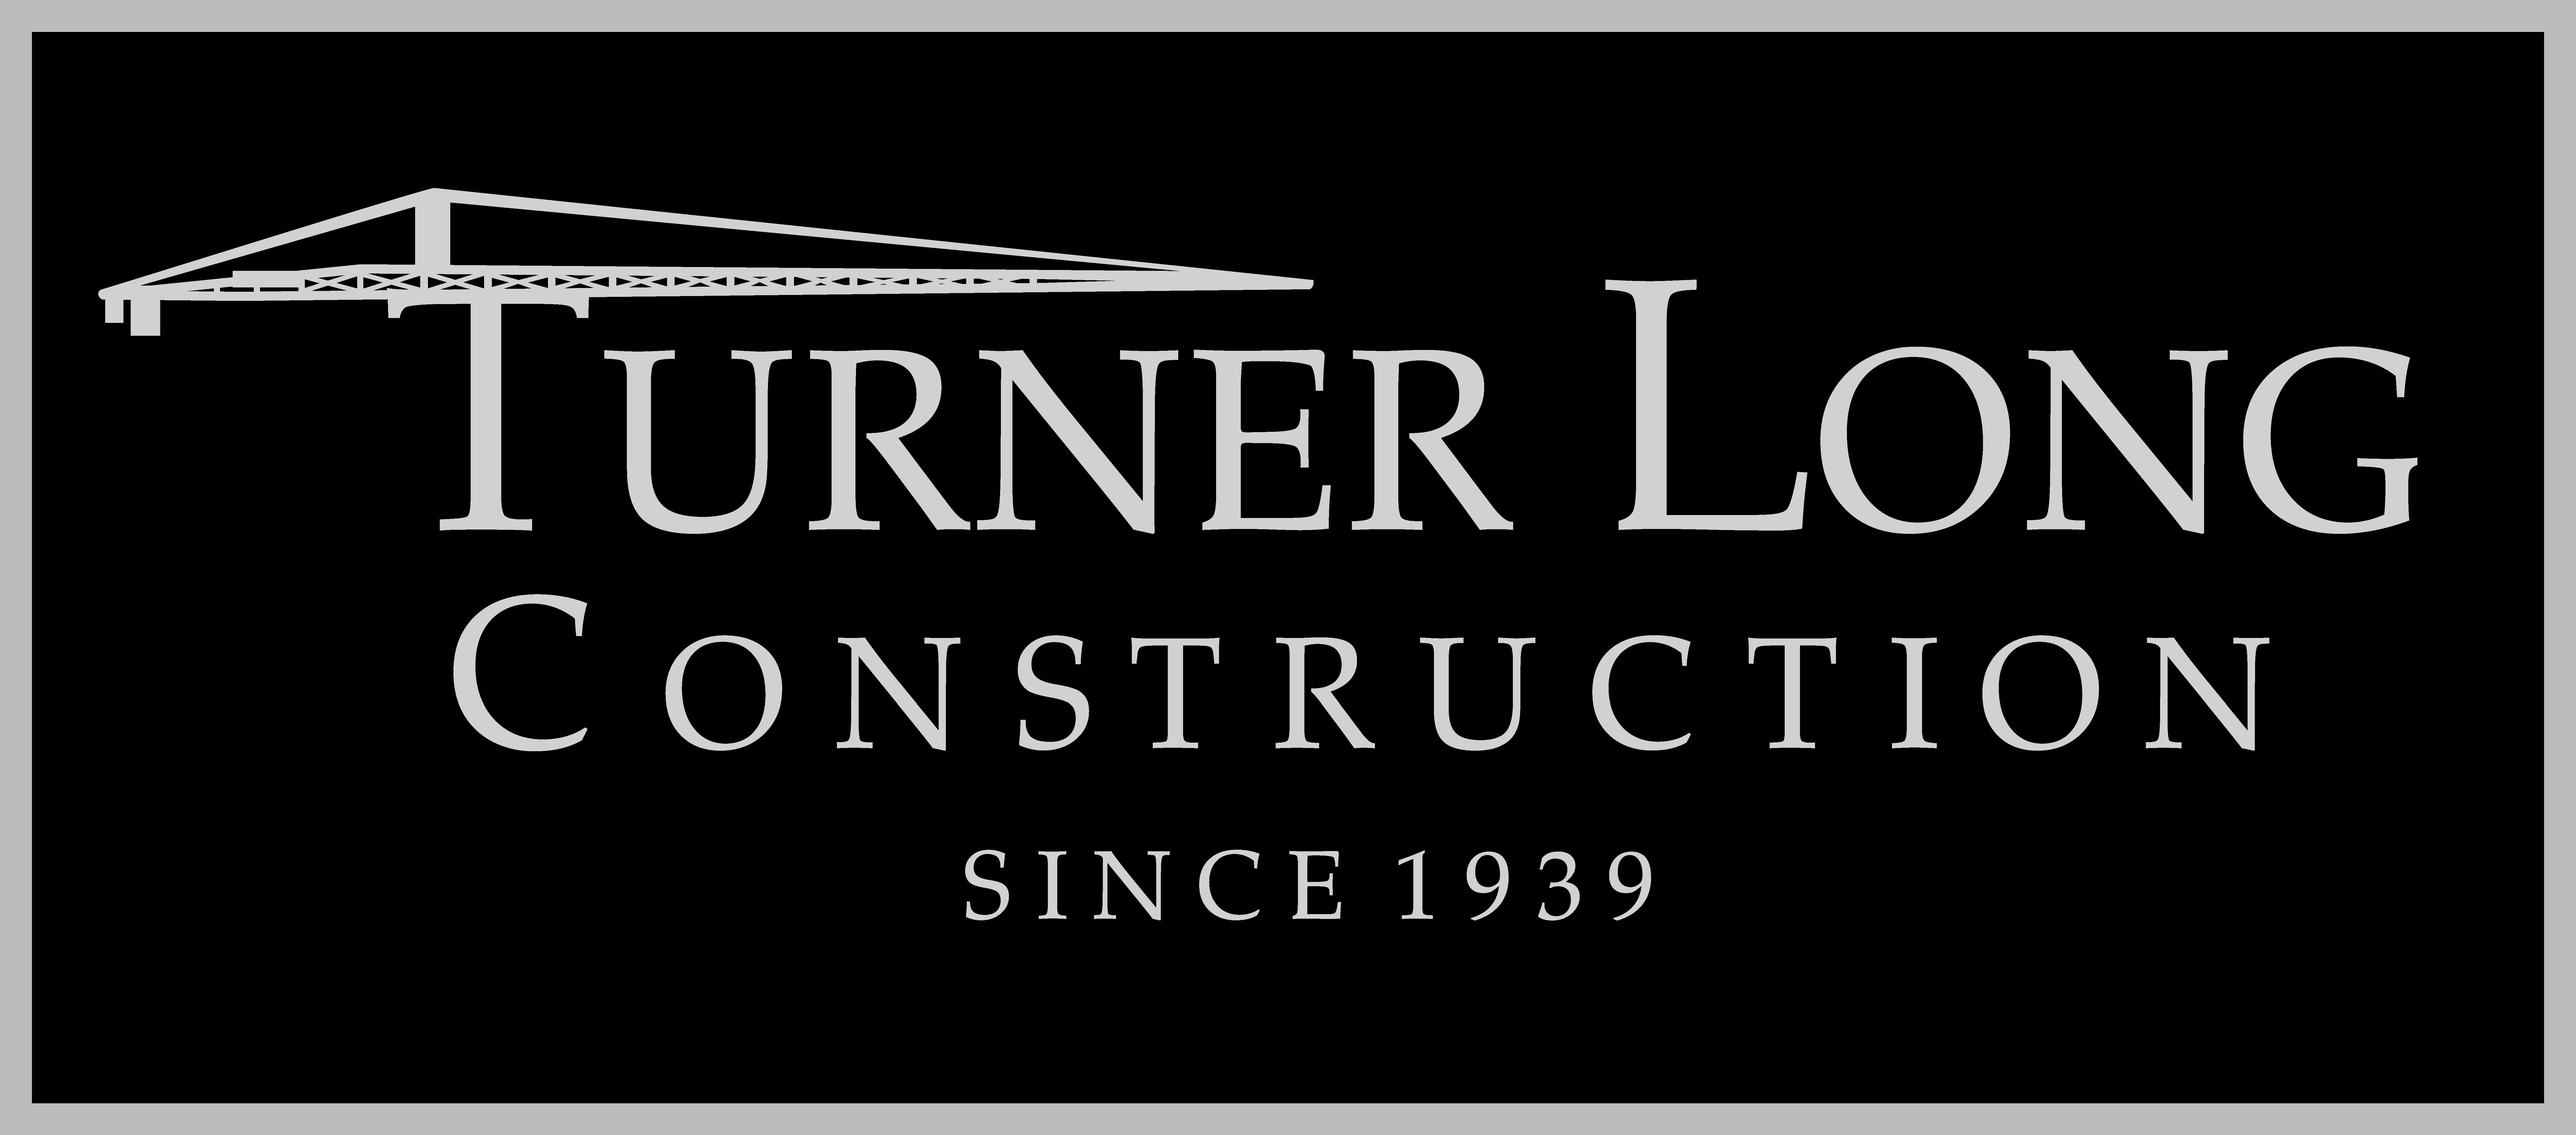 Turner Long